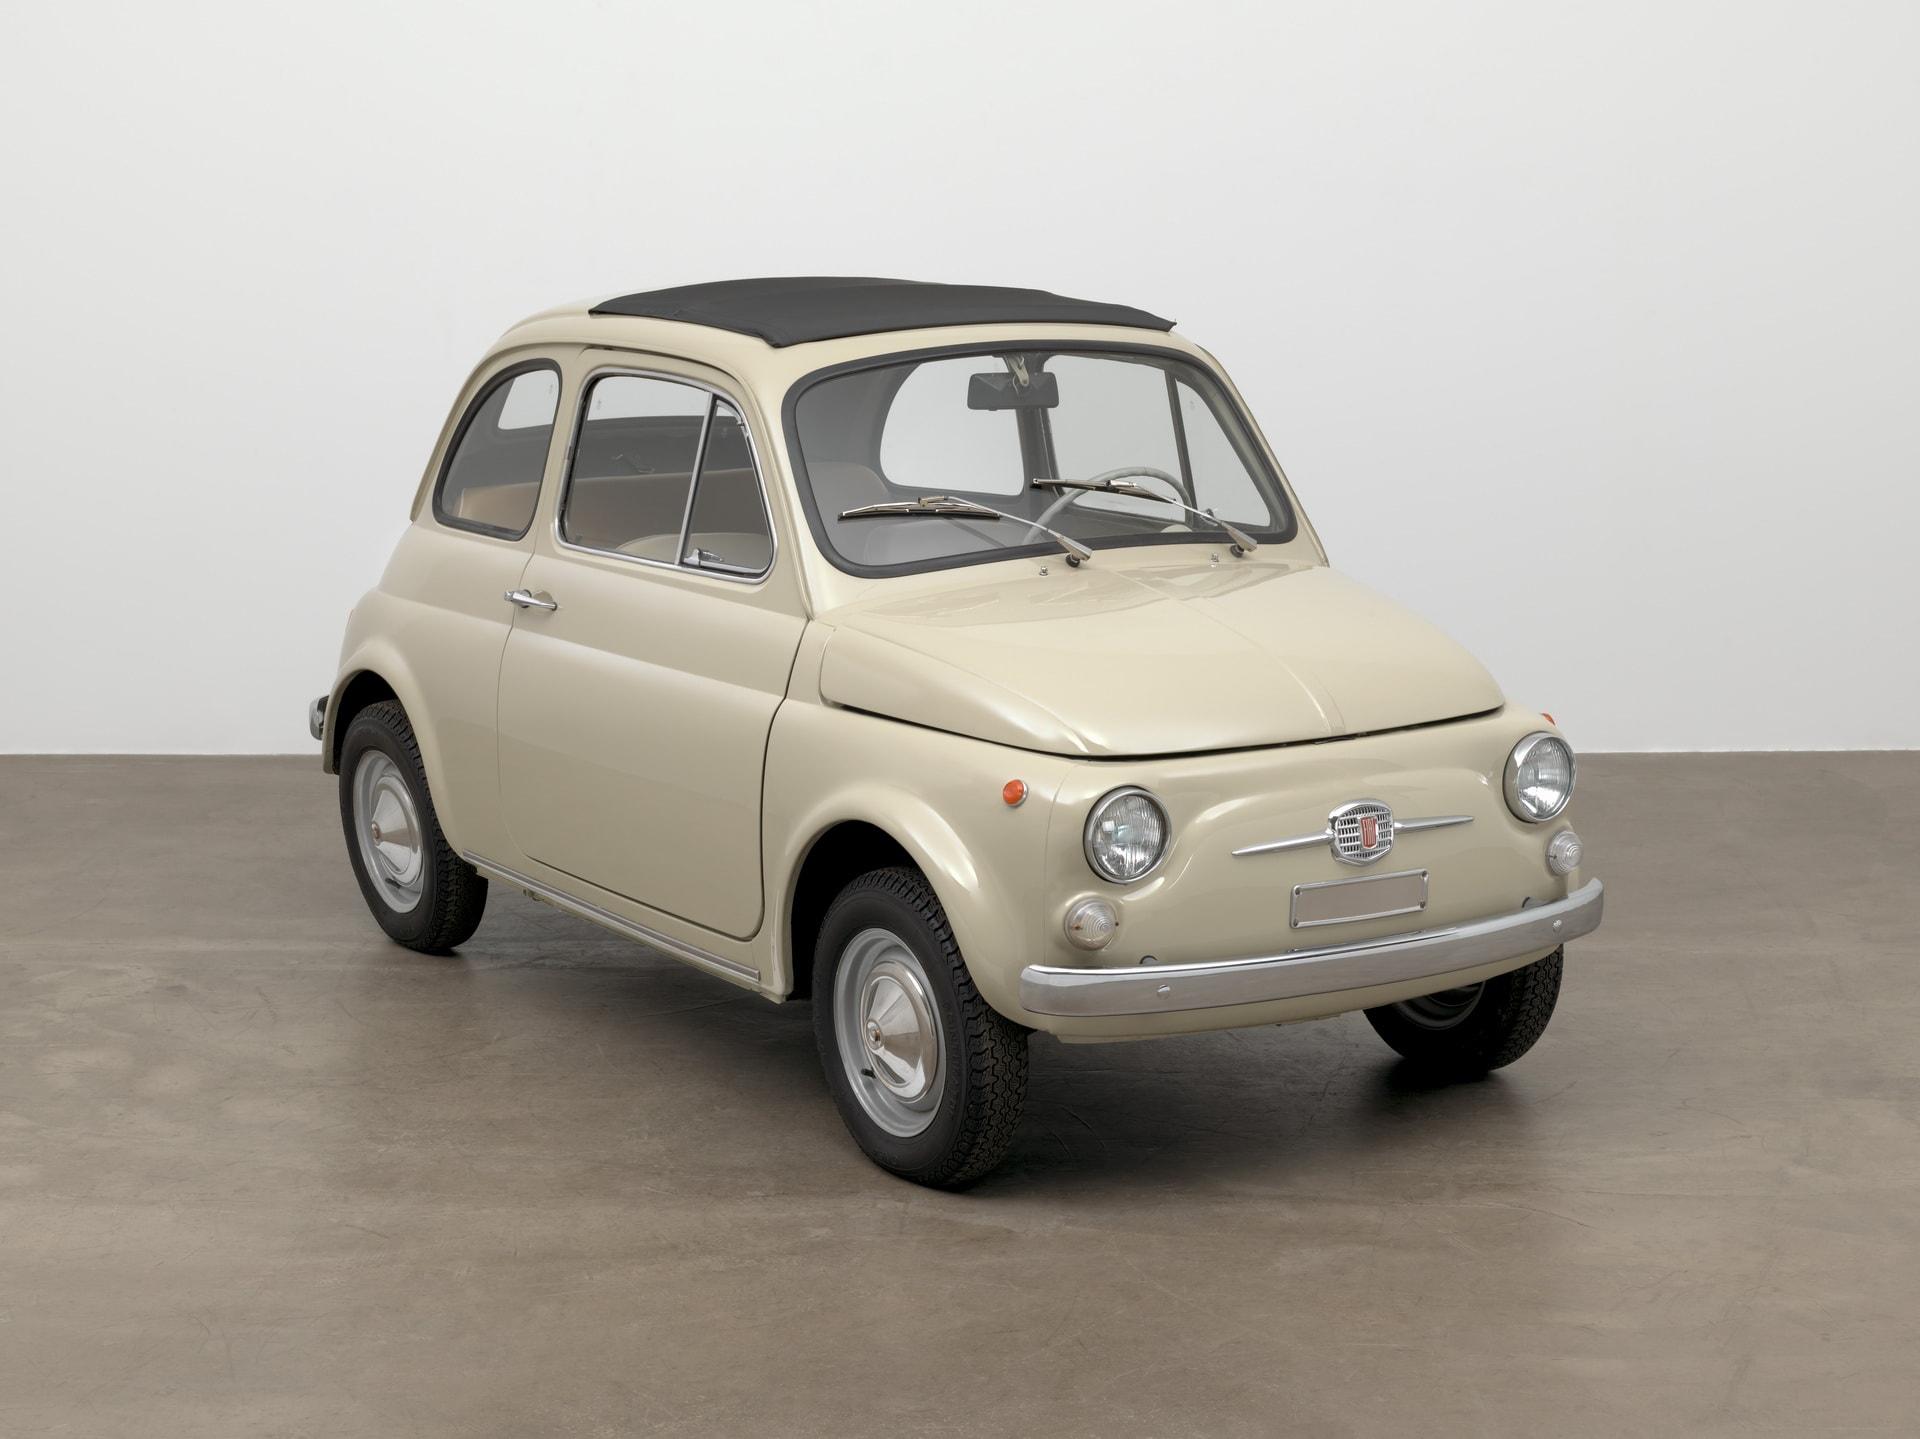 Fiat 500 Museum of Modern Art